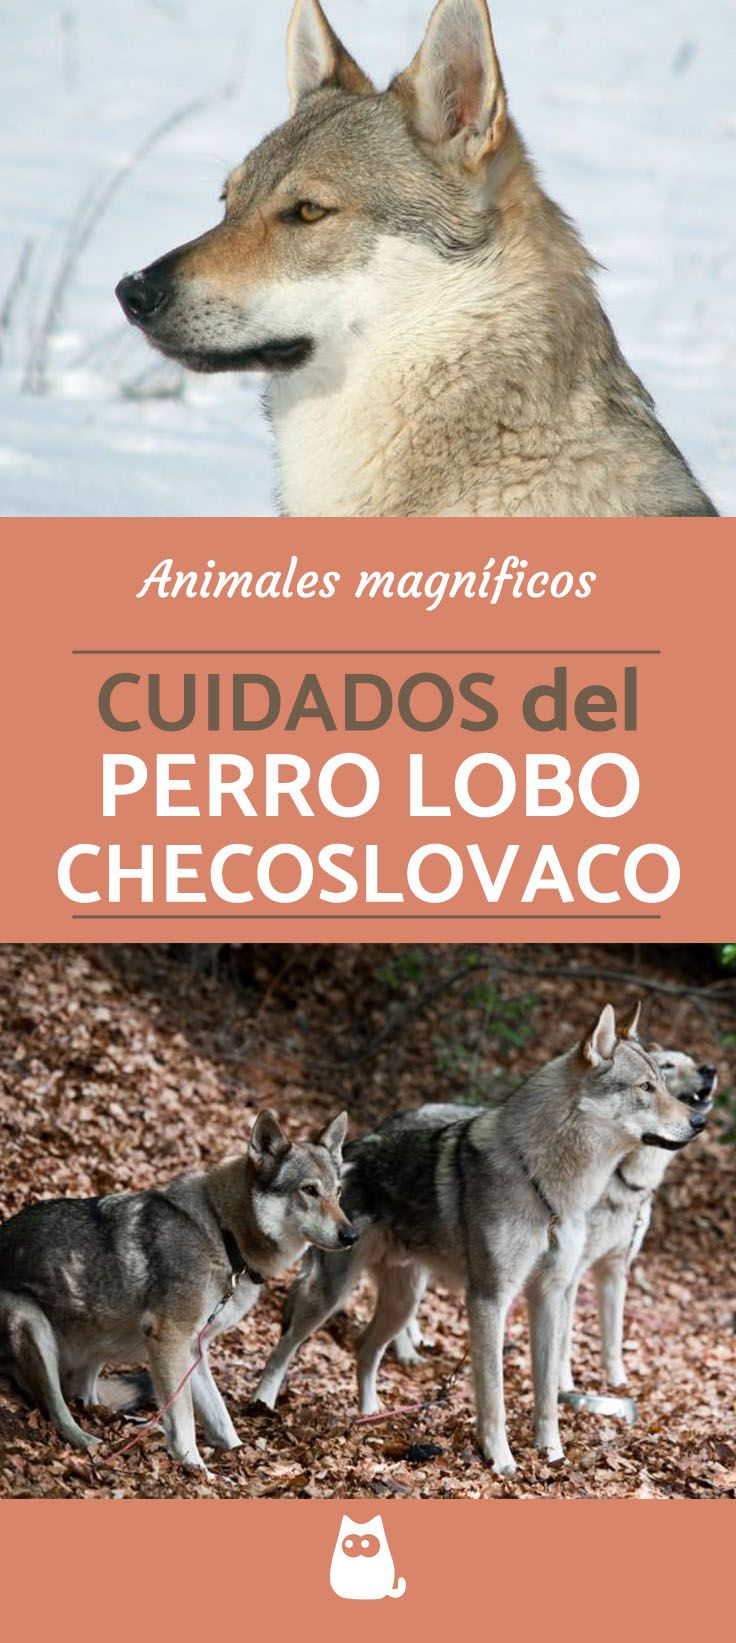 Perro lobo checoslovaco - CUIDADOS   #perrolobochecoslovaco #Razasperros #Mascotas #Perros #ExperoAnimal